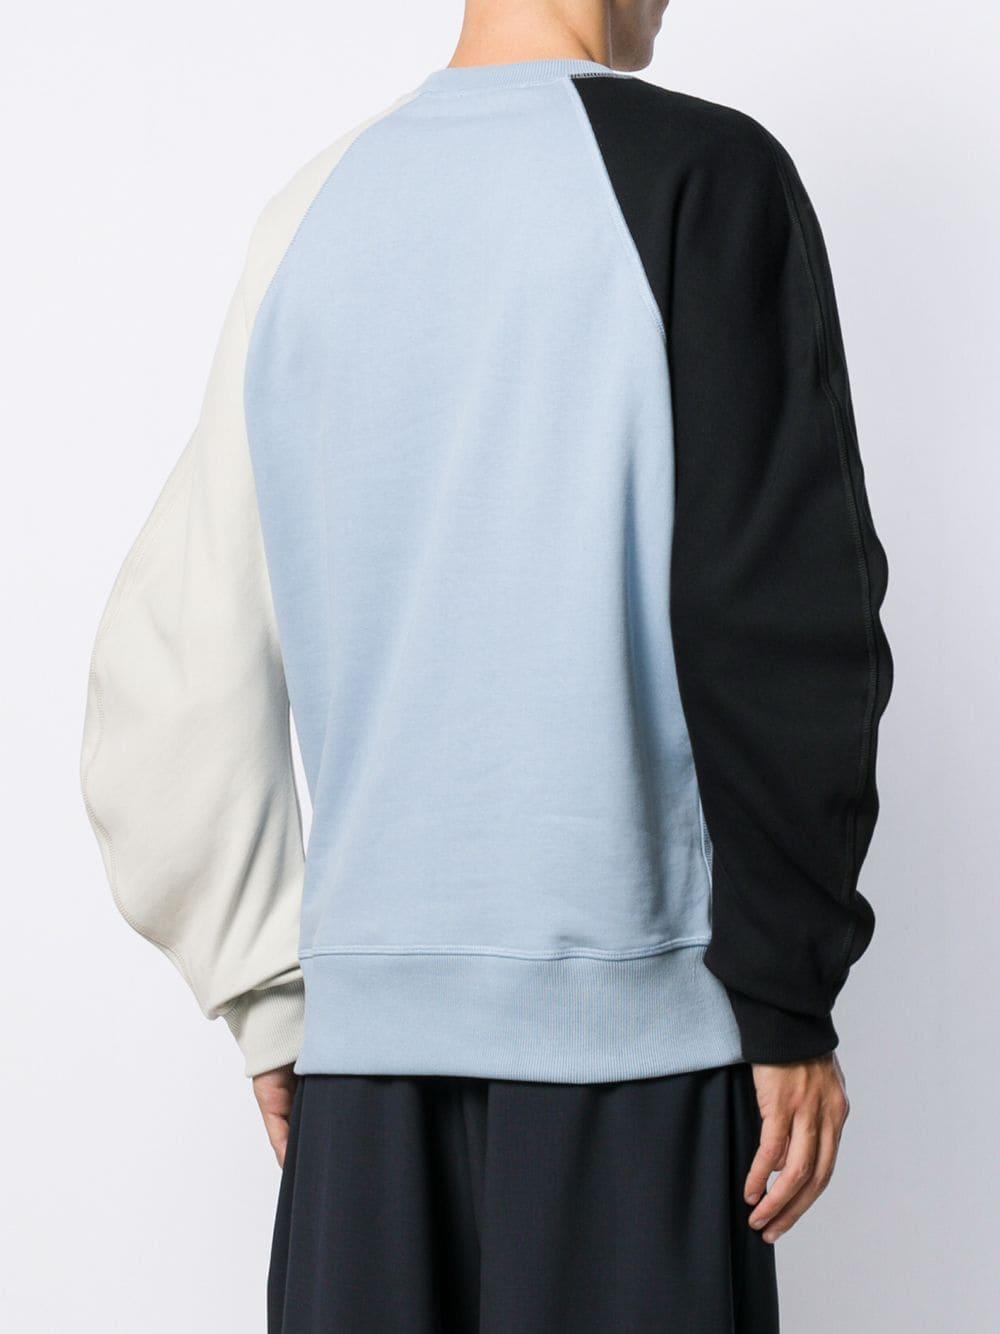 JW Anderson Katoen Sweater Met Colourblocking in het Blauw voor heren